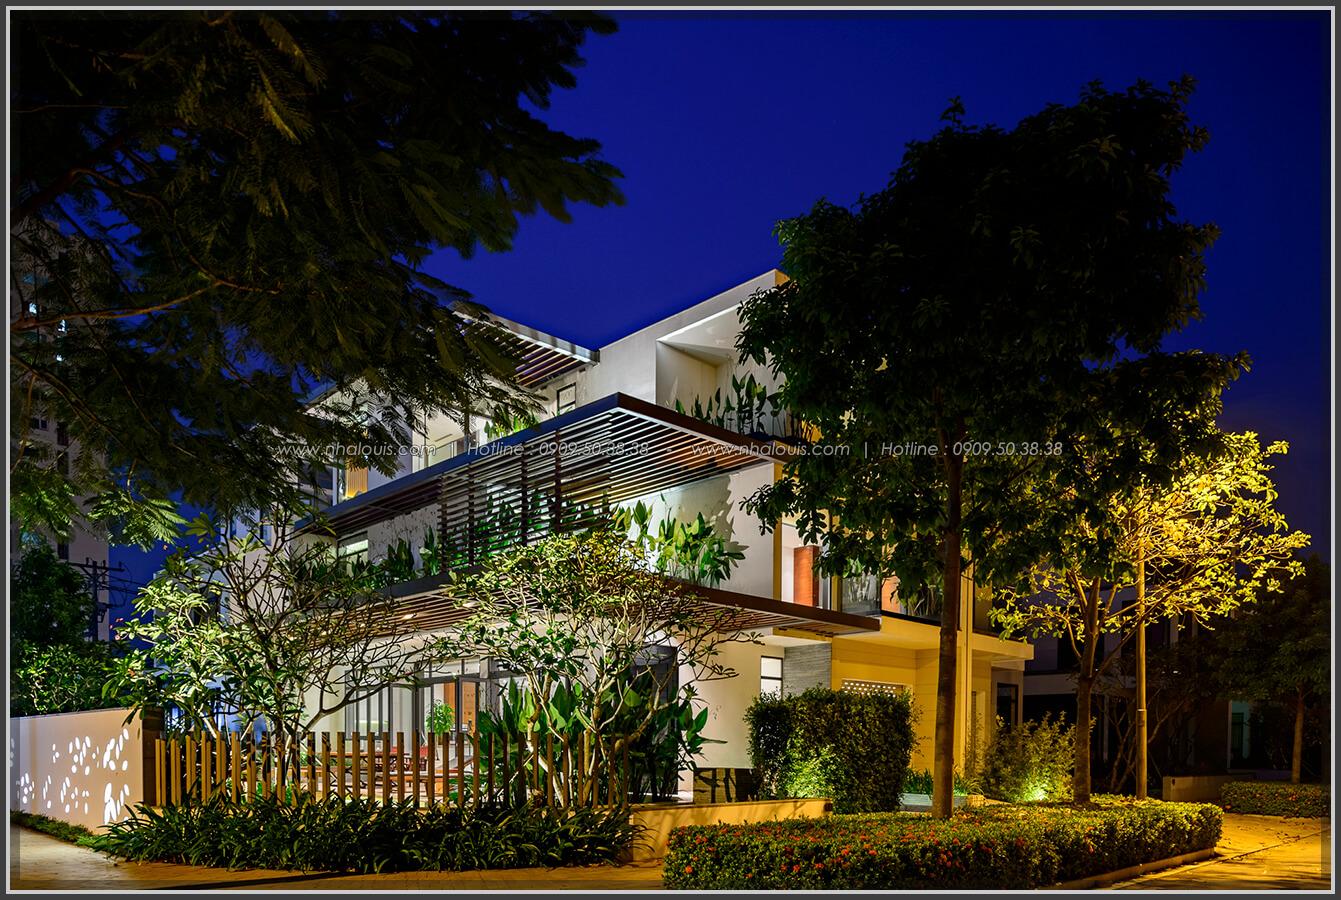 Mặt tiền Thiết kế nội thất biệt thự cao cấp Lucasta Villa 5 sao tại Quận 9 - 3